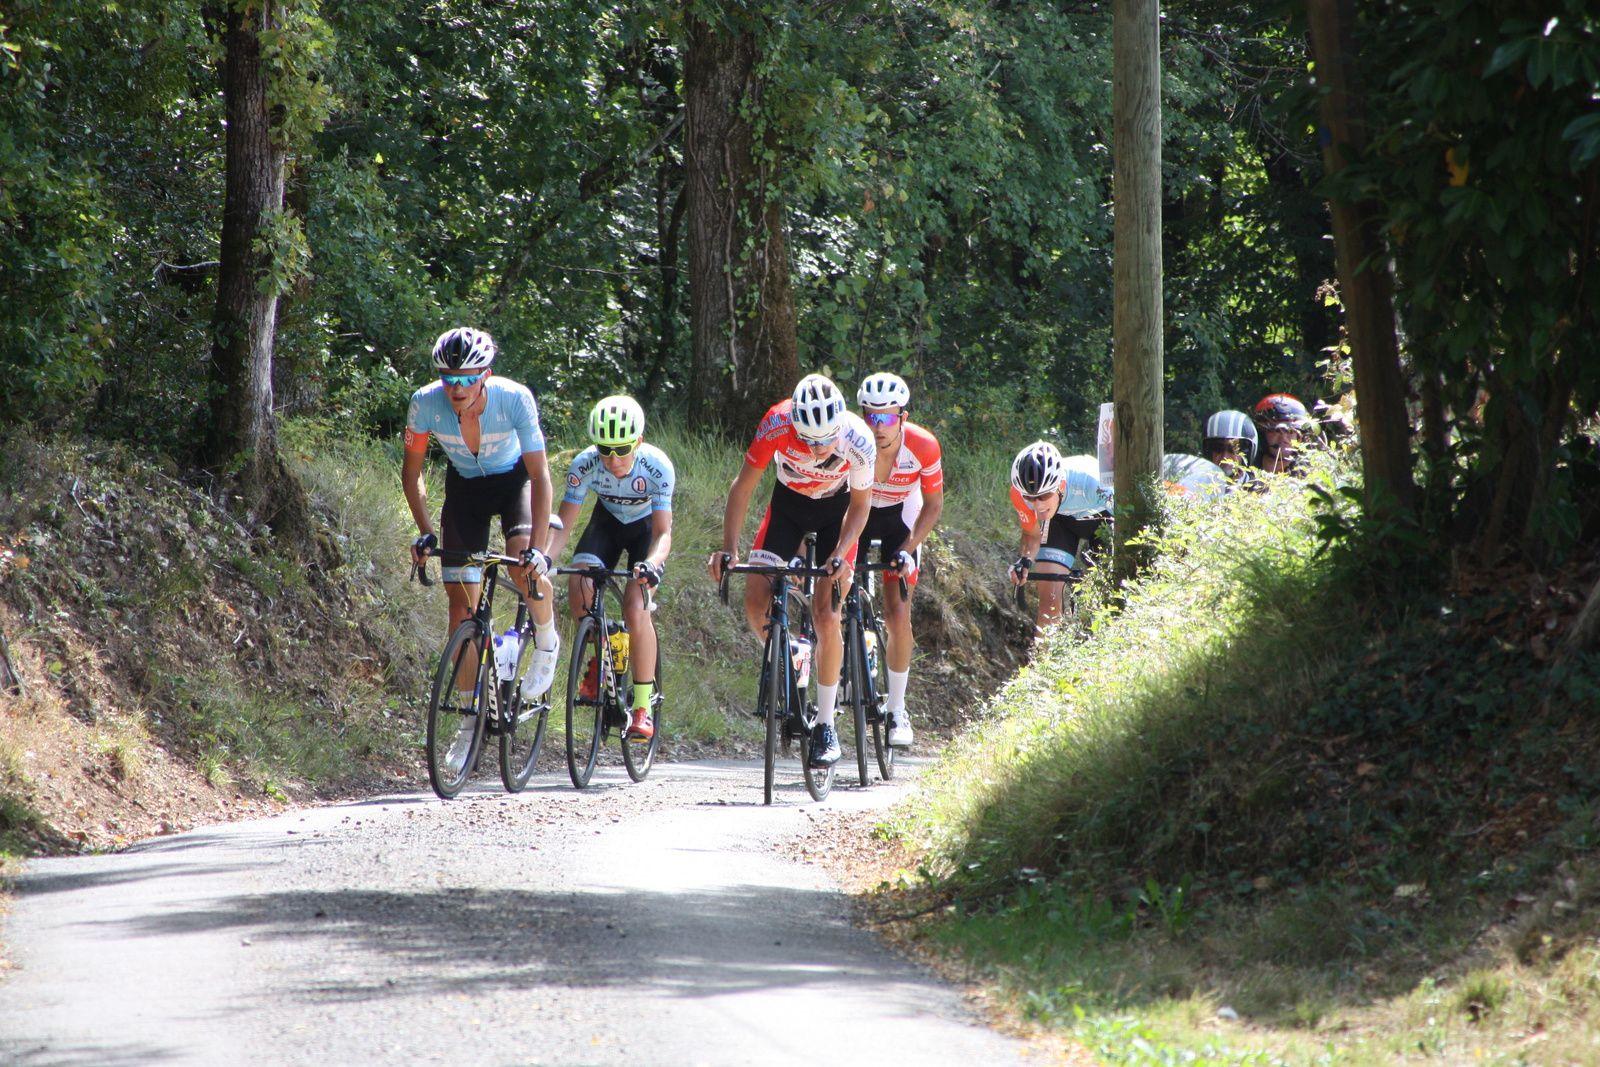 Passage  à  Cellefroin, ils sont  5  en  tête, le  peloton  est  emmené  par Antonin CORVAISIER  avec  Cédric  BESSAGUET, Théo  LAUSEILLE  et   Anthony  BREGIERE